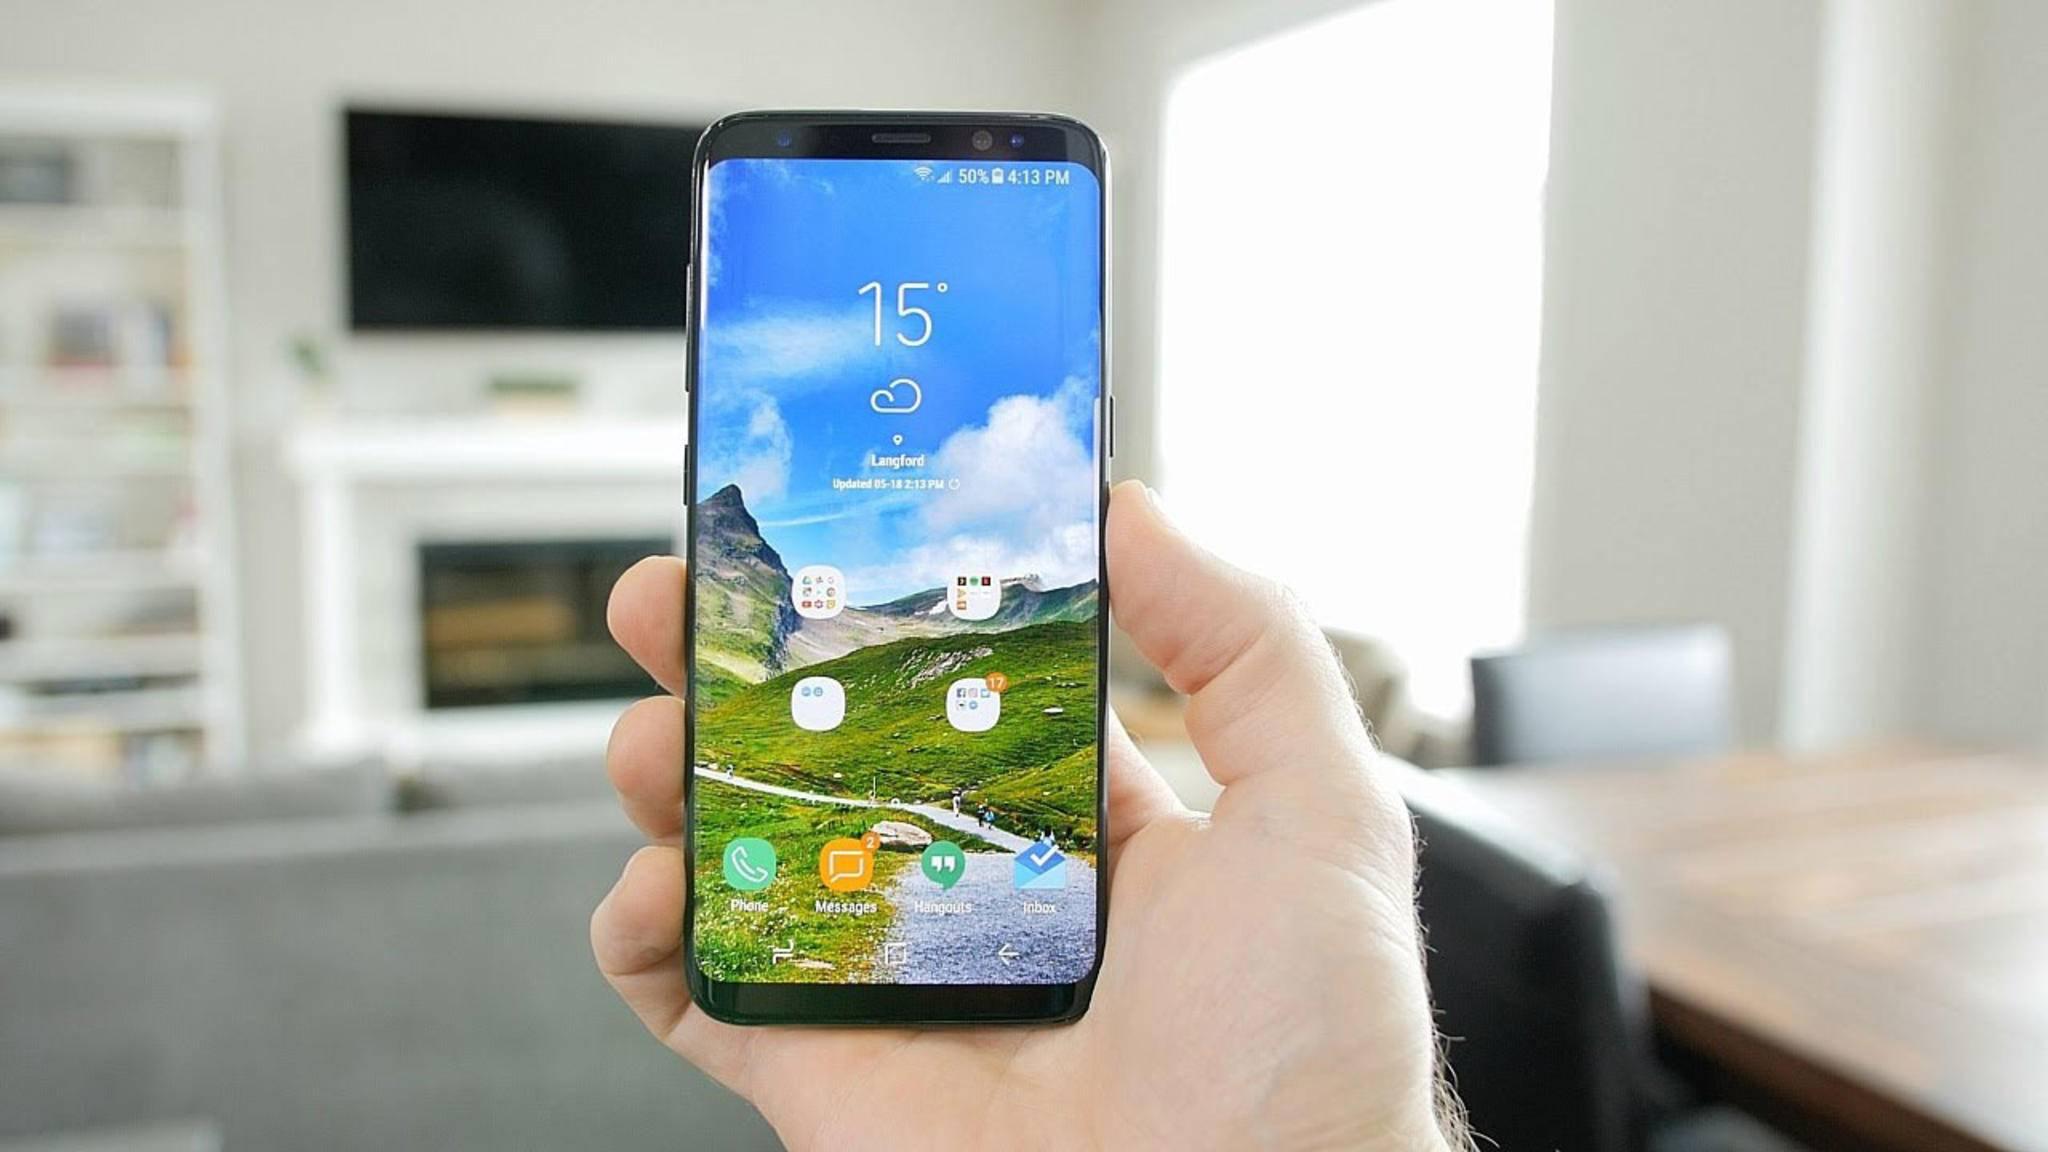 Samsung Galaxy S8 besser als iPhone 7 bewertet - iPhone 8 als Retter?